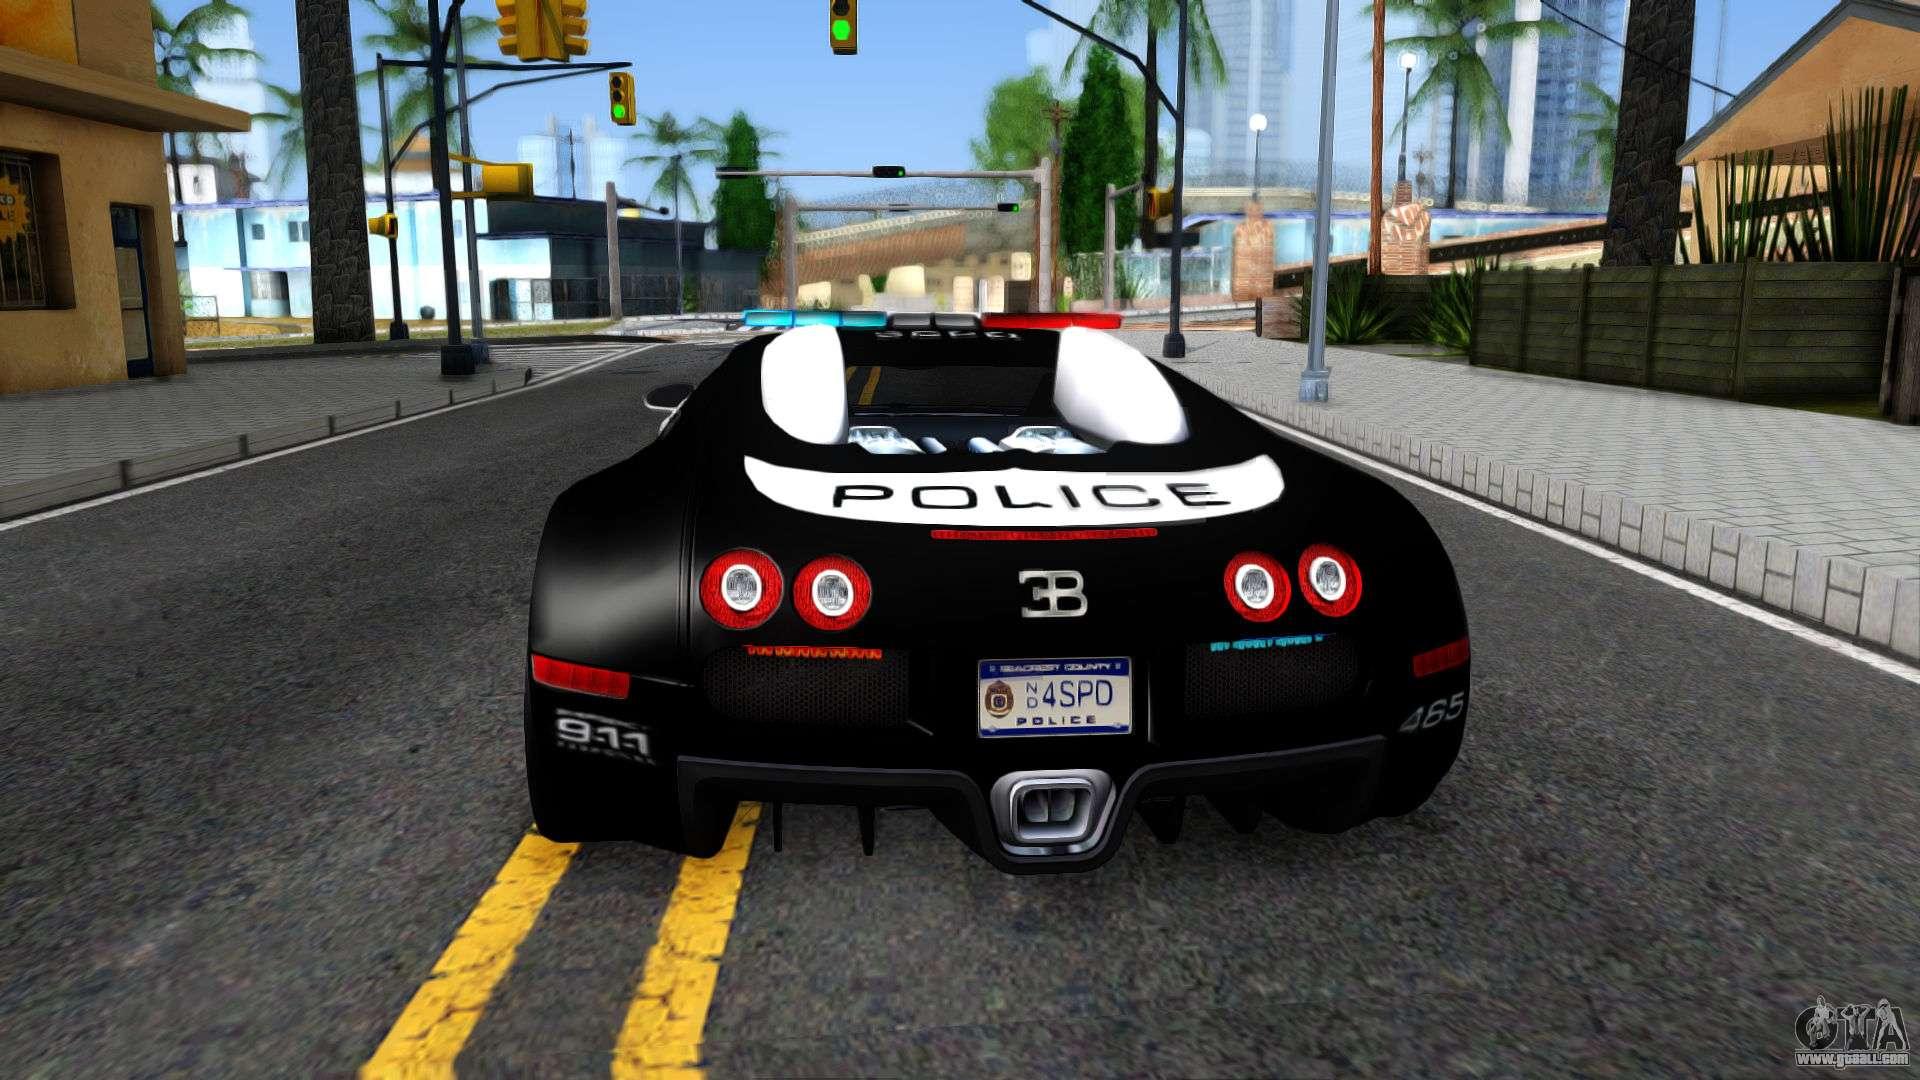 384544-enb-2017-02-14-22-36-58-44 Wonderful Bugatti Veyron Xbox 360 Games Cars Trend